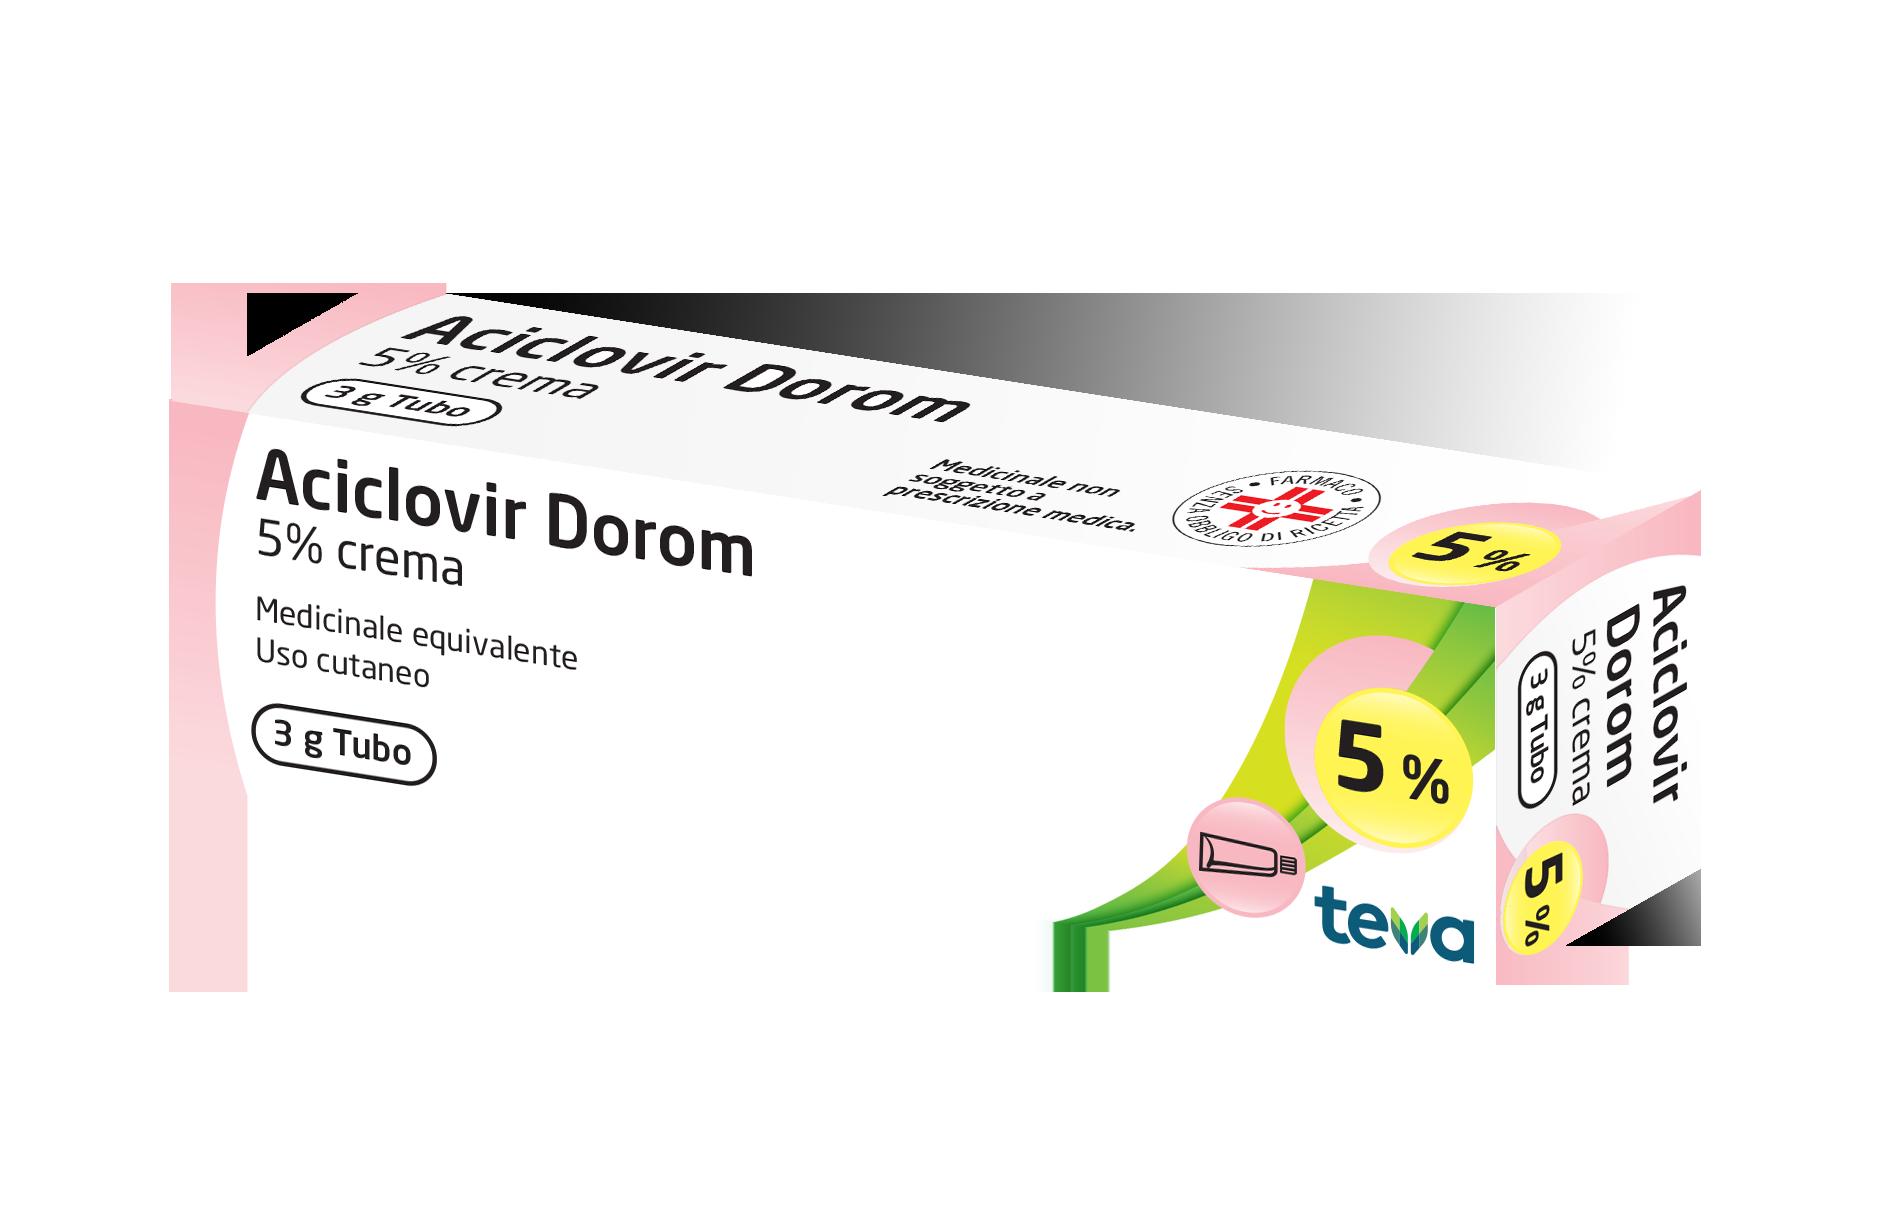 Aciclovir Dorom 5% Crema 3g - Zfarmacia